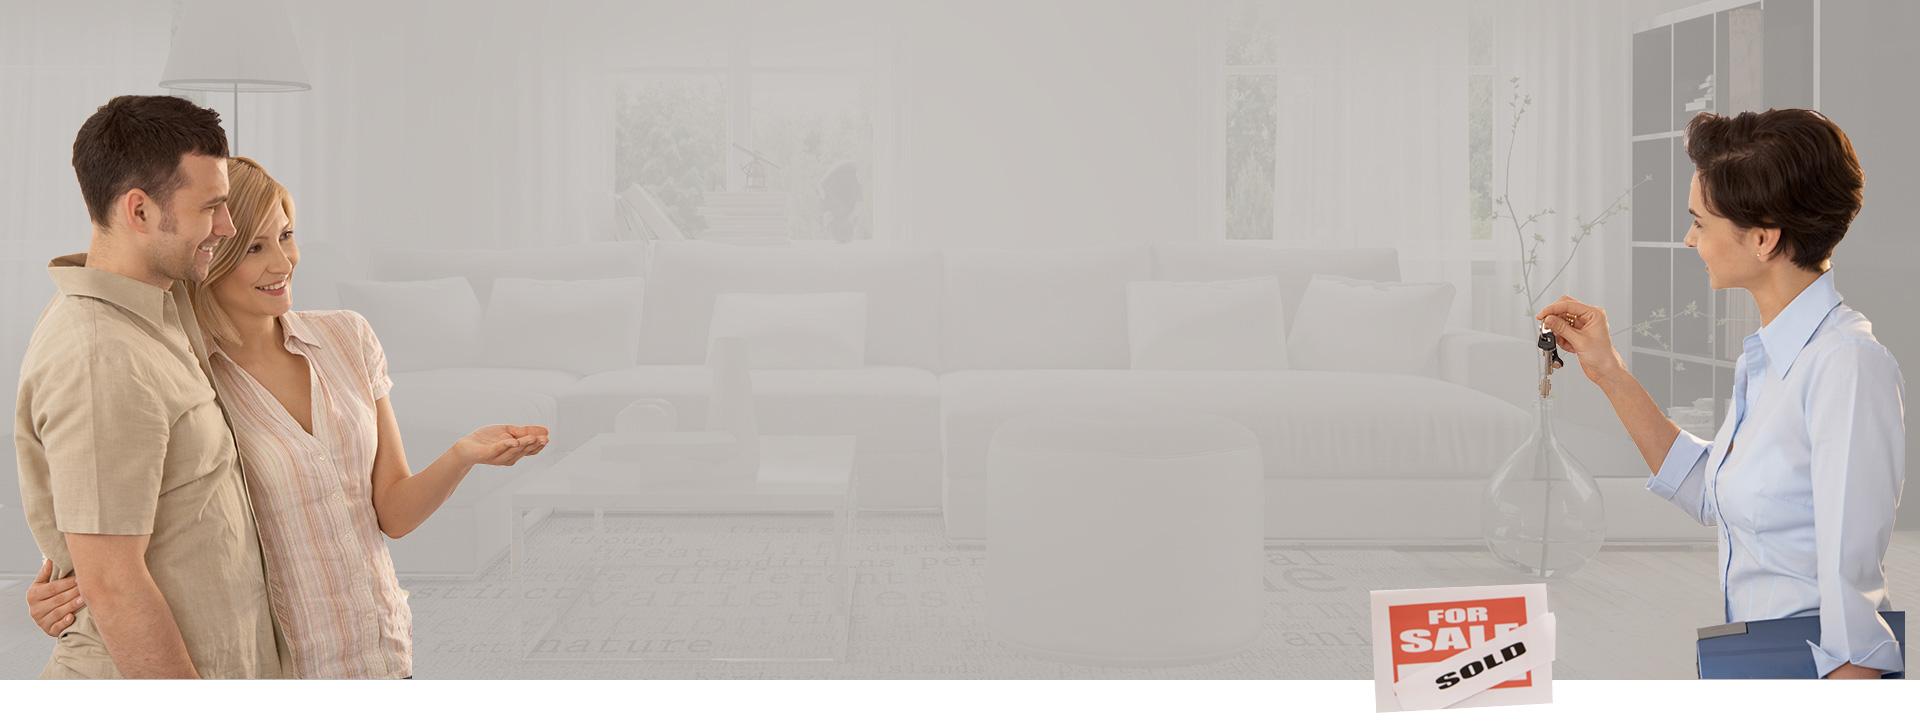 Home Realtors